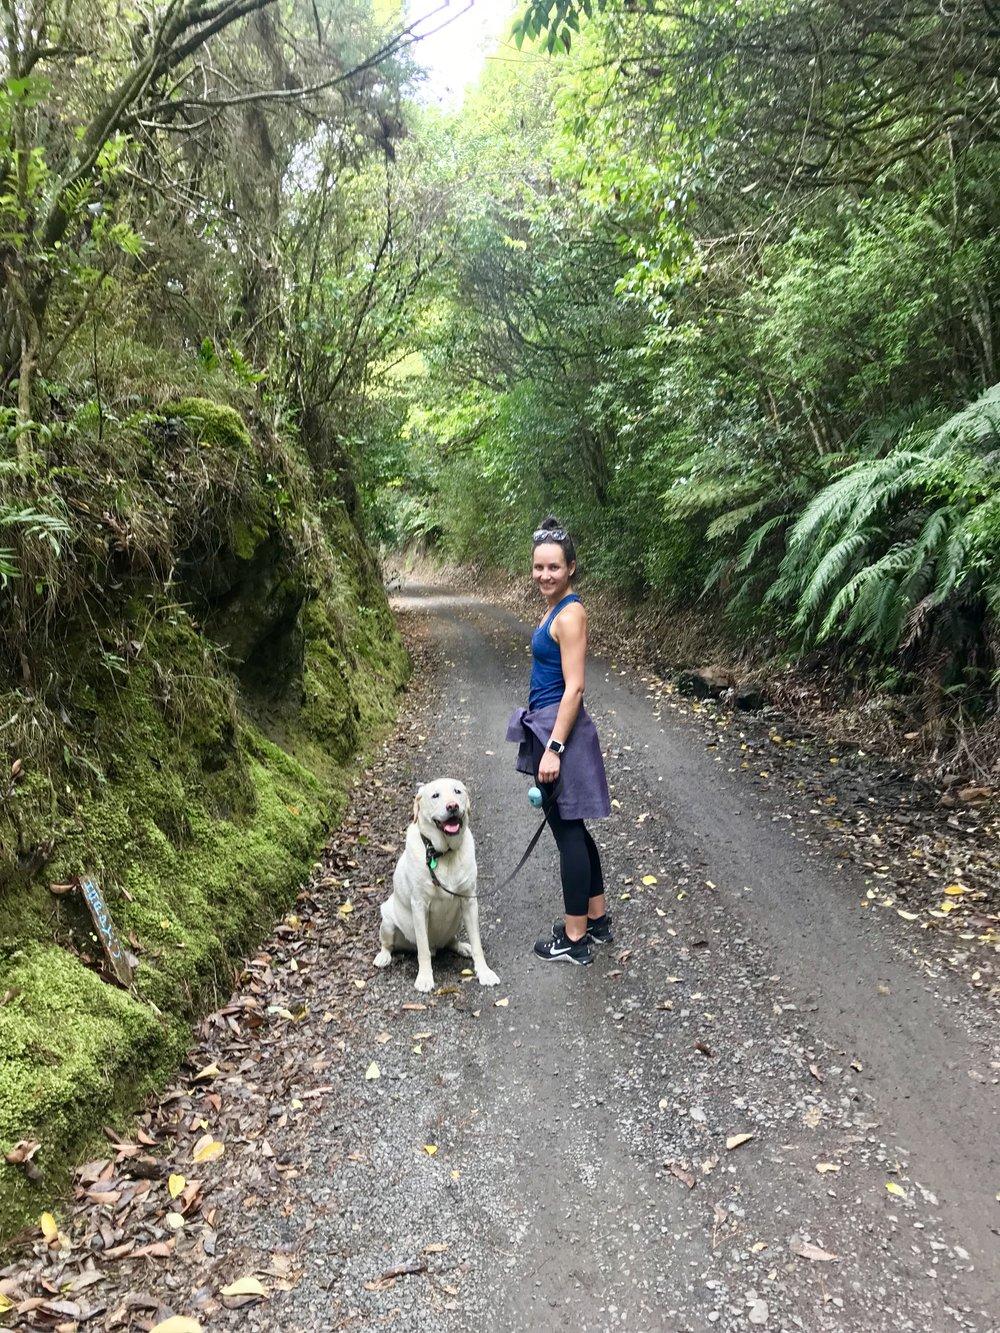 Related to #5 - The Hauraki Rail Trail in Karangahake Gorge